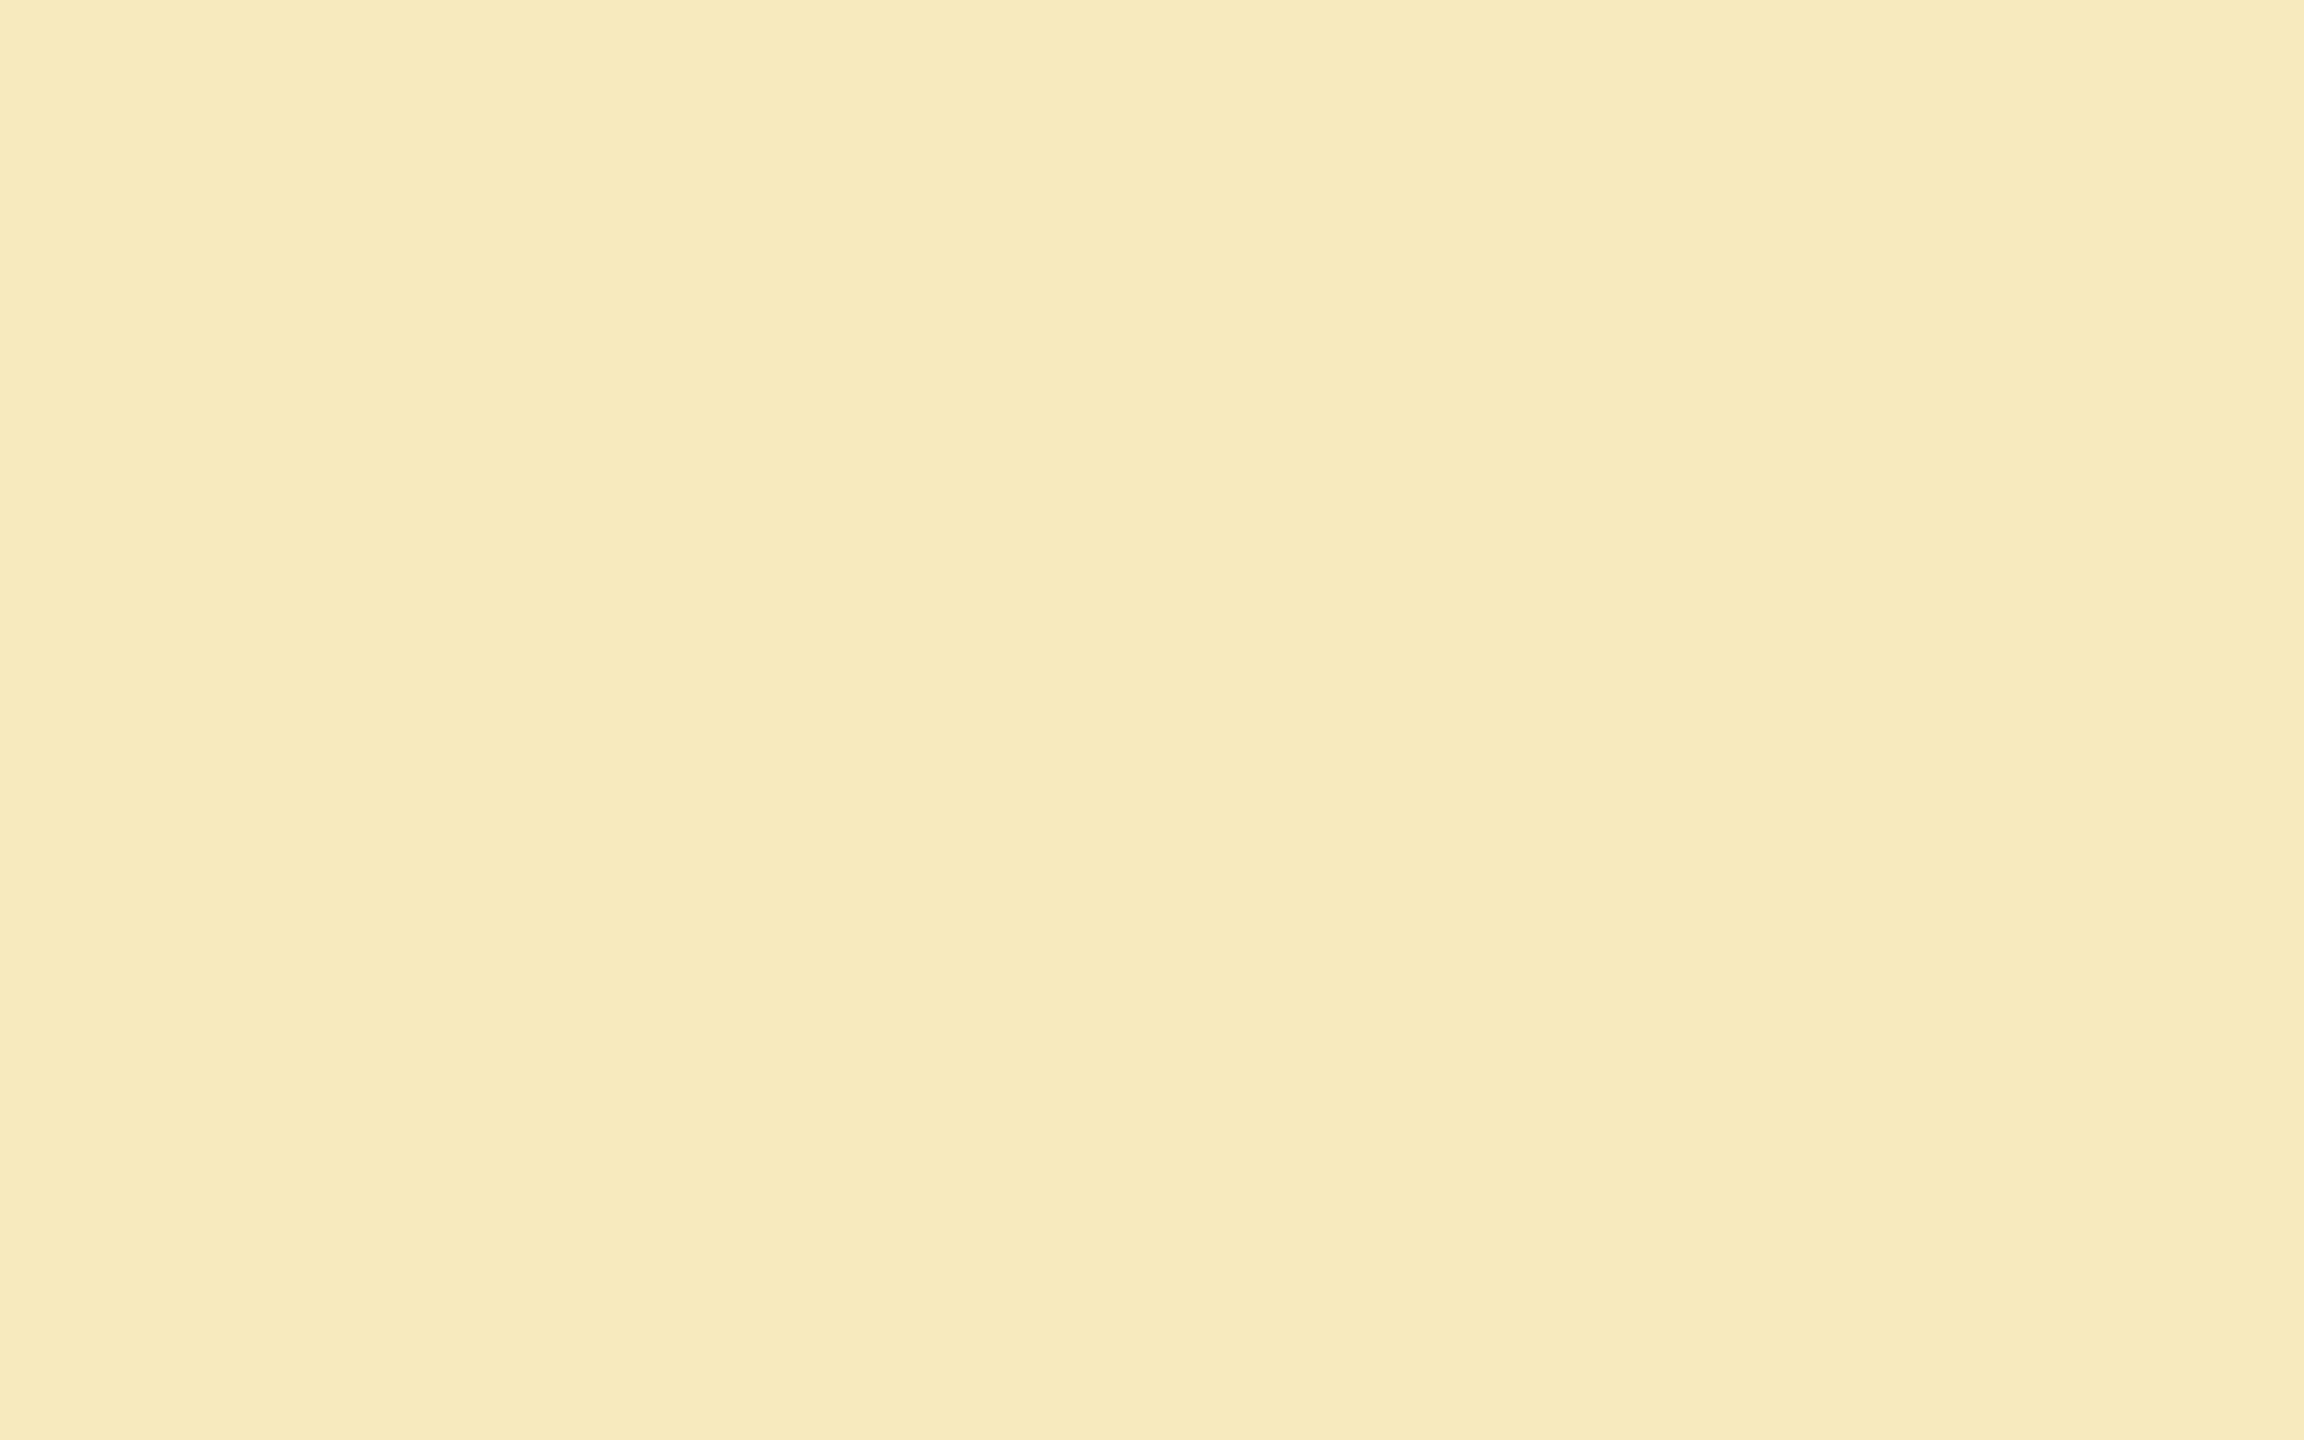 2304x1440 Lemon Meringue Solid Color Background